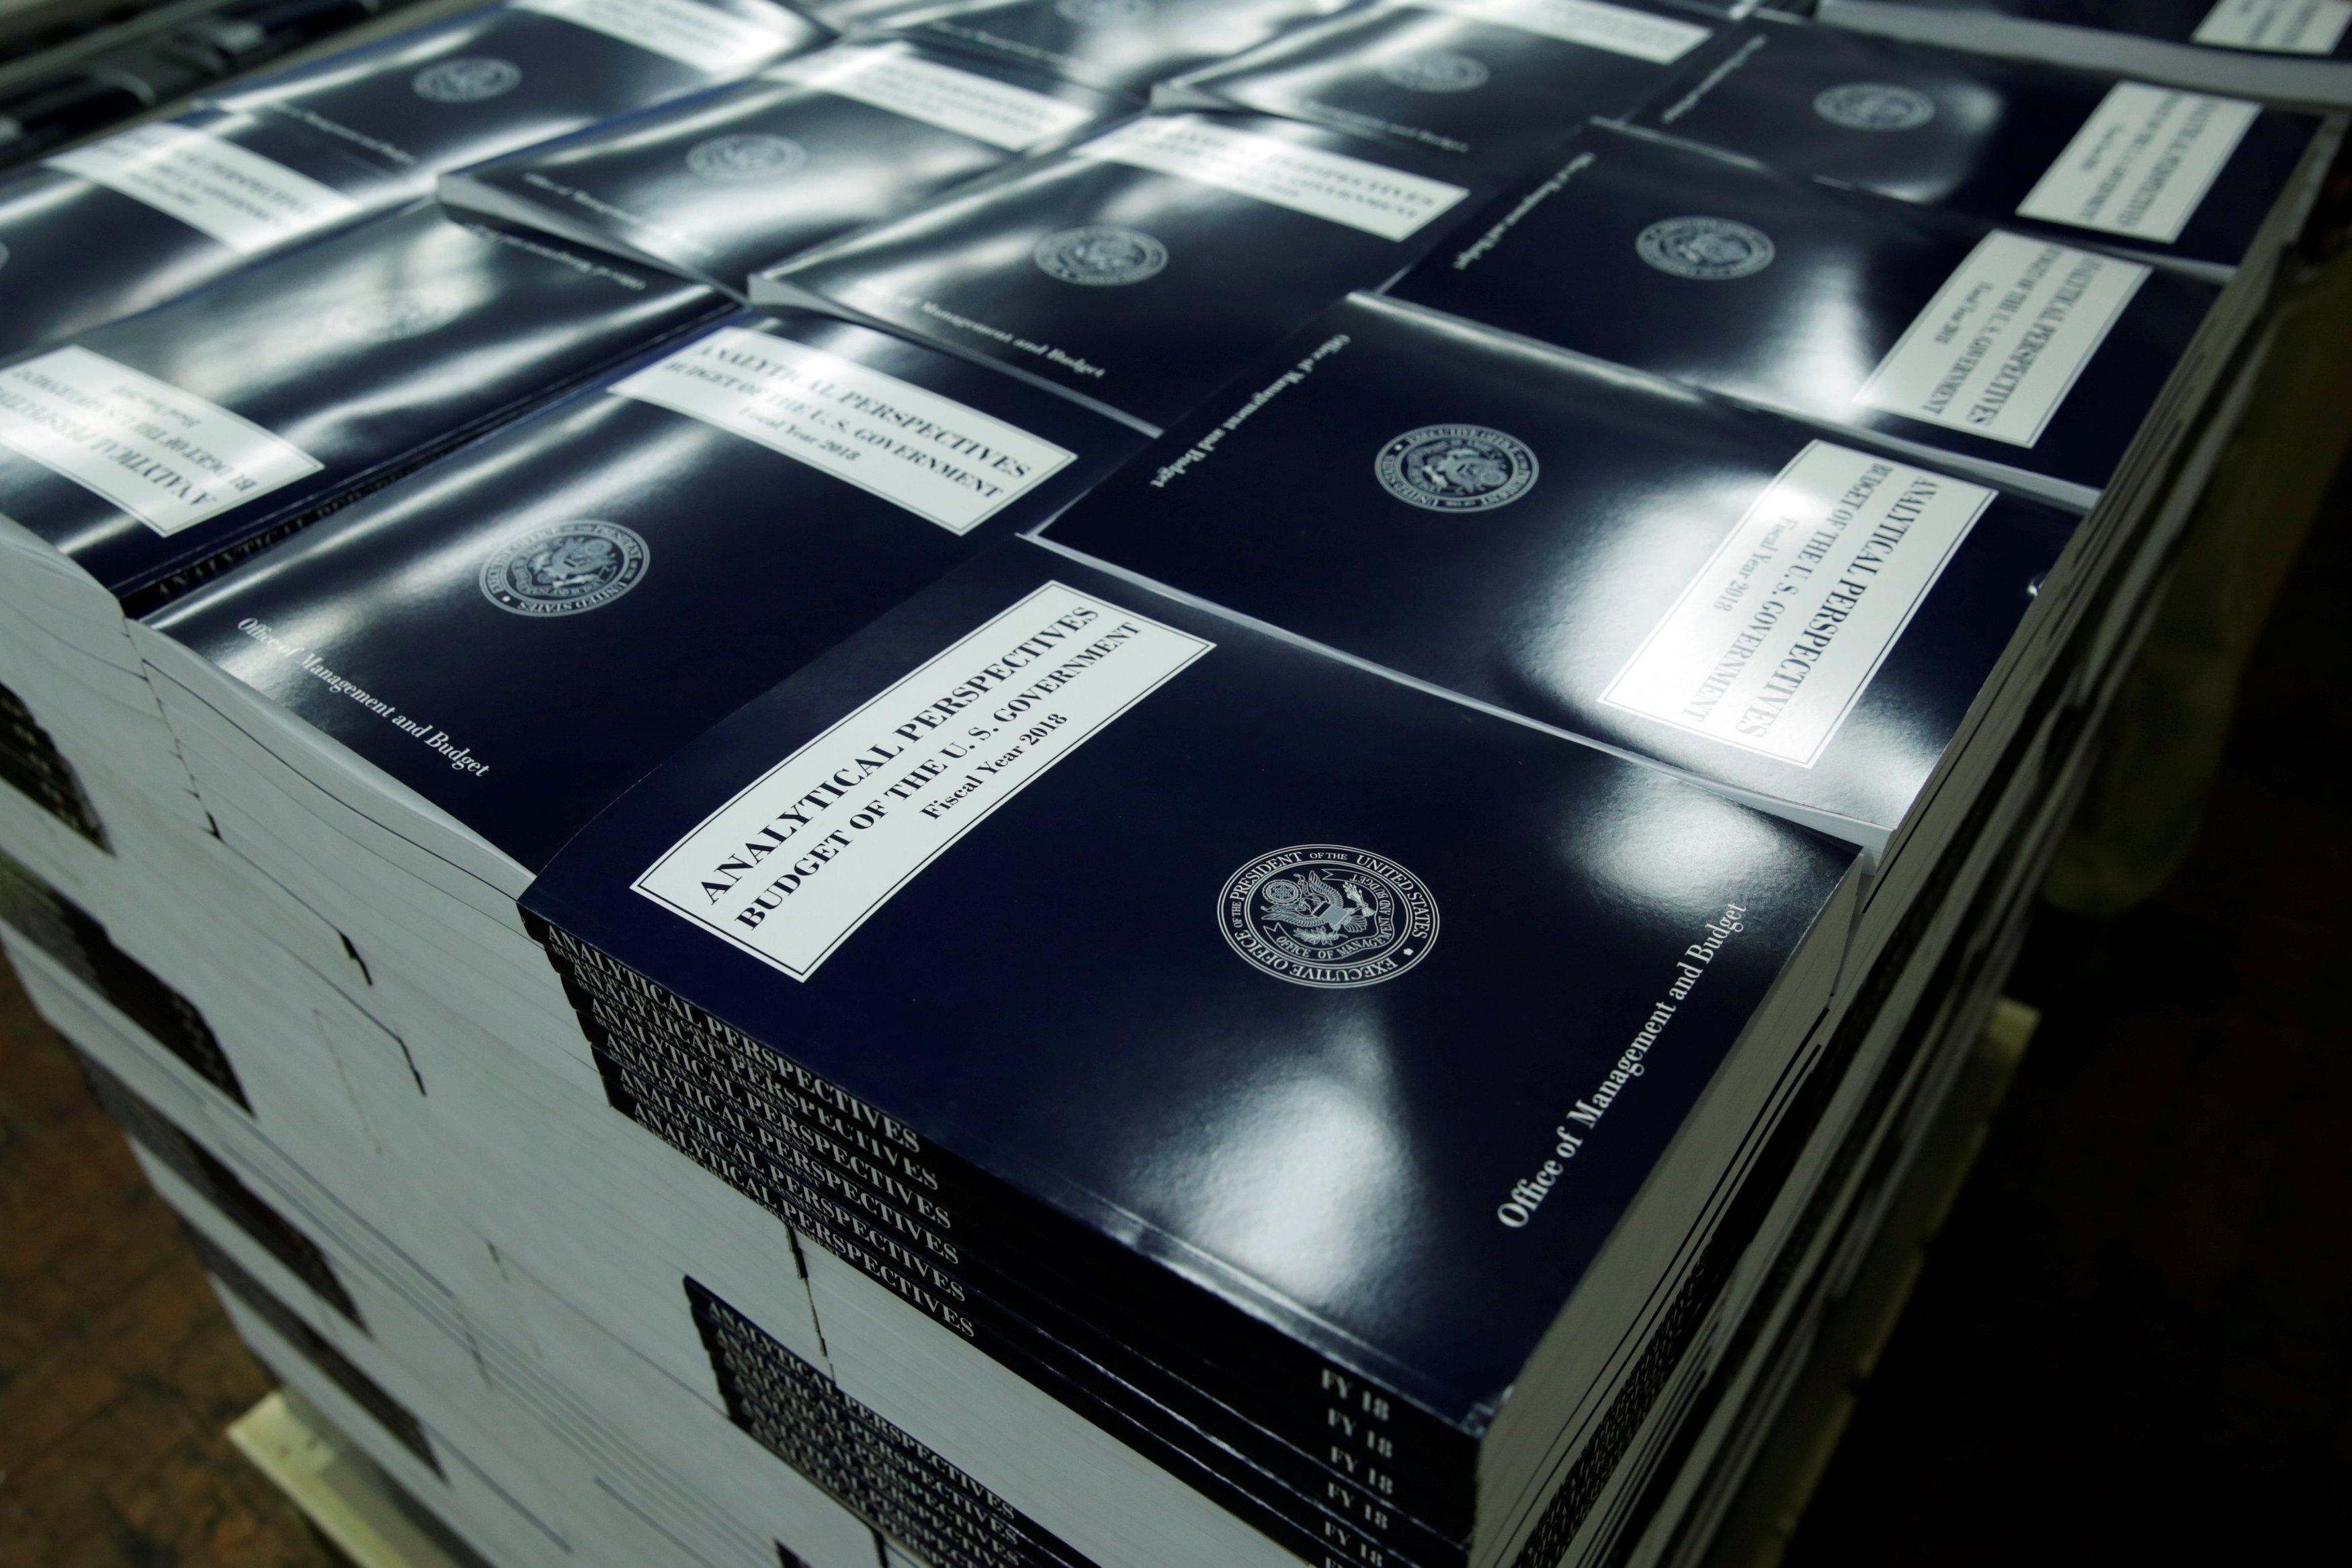 كتاب الميزانية المالية لترامب 2018 بعد الطباعة